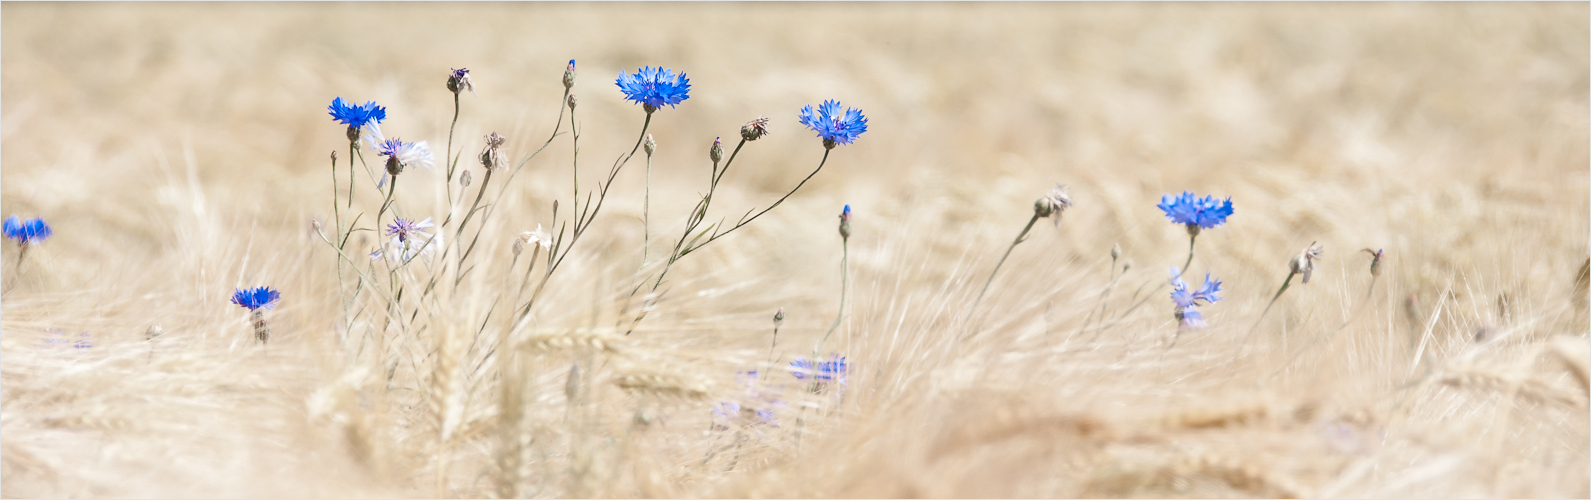 Ein wenig Sommer: Kornblumen wiegen sich im Getreide